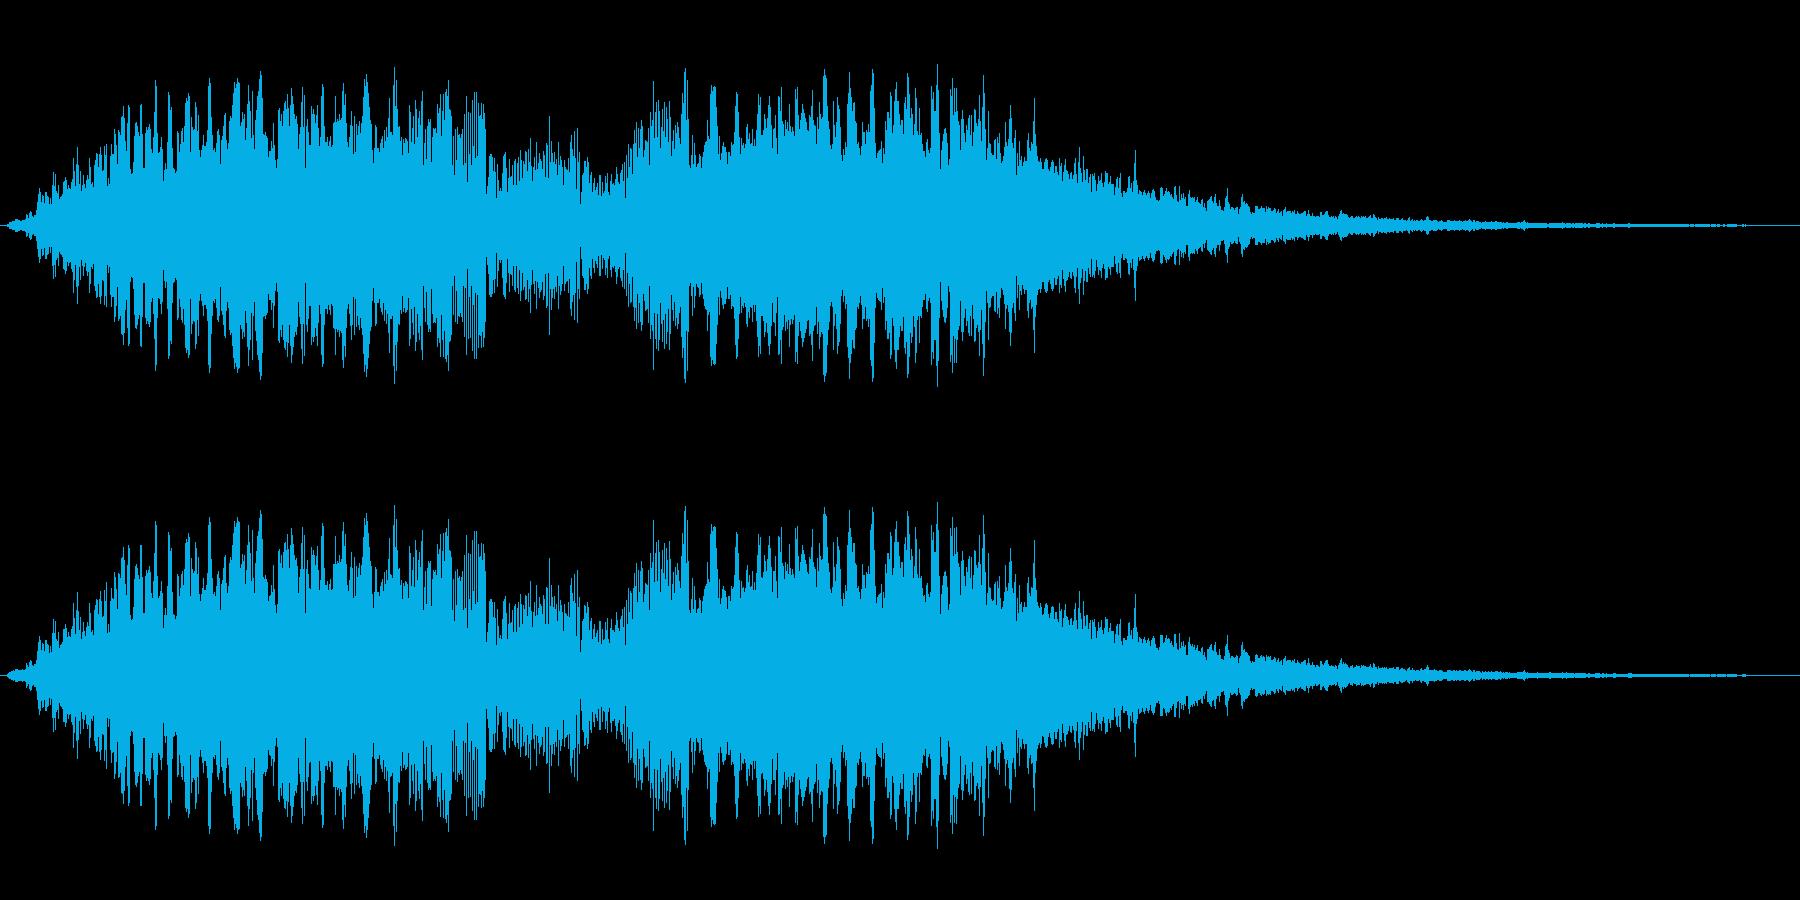 キュルルルシャララン(ワープのイメージ)の再生済みの波形